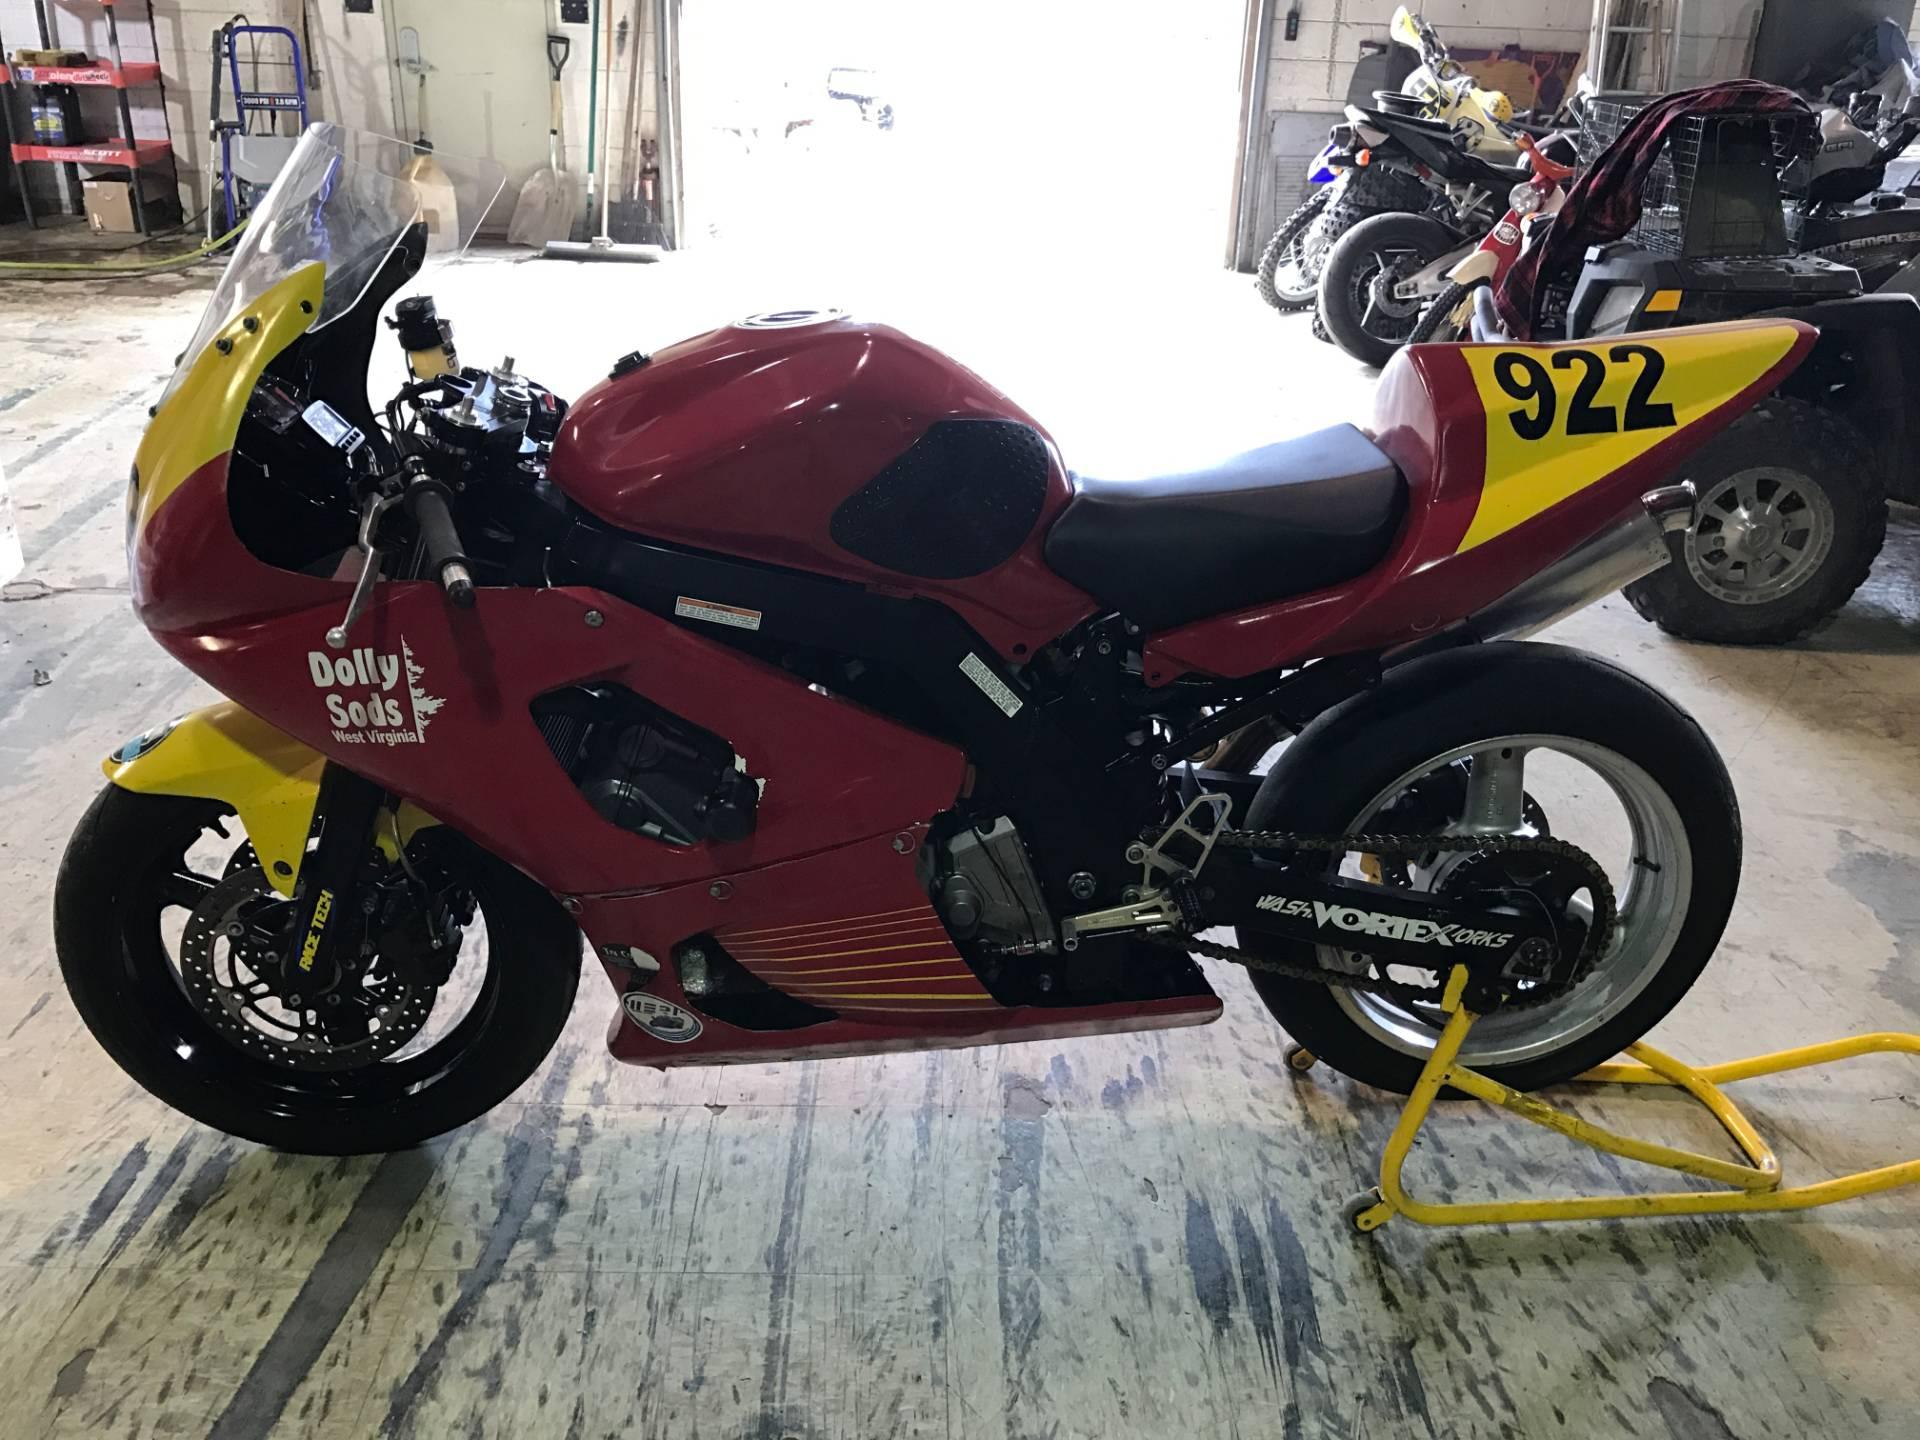 2005 Suzuki SV650 3